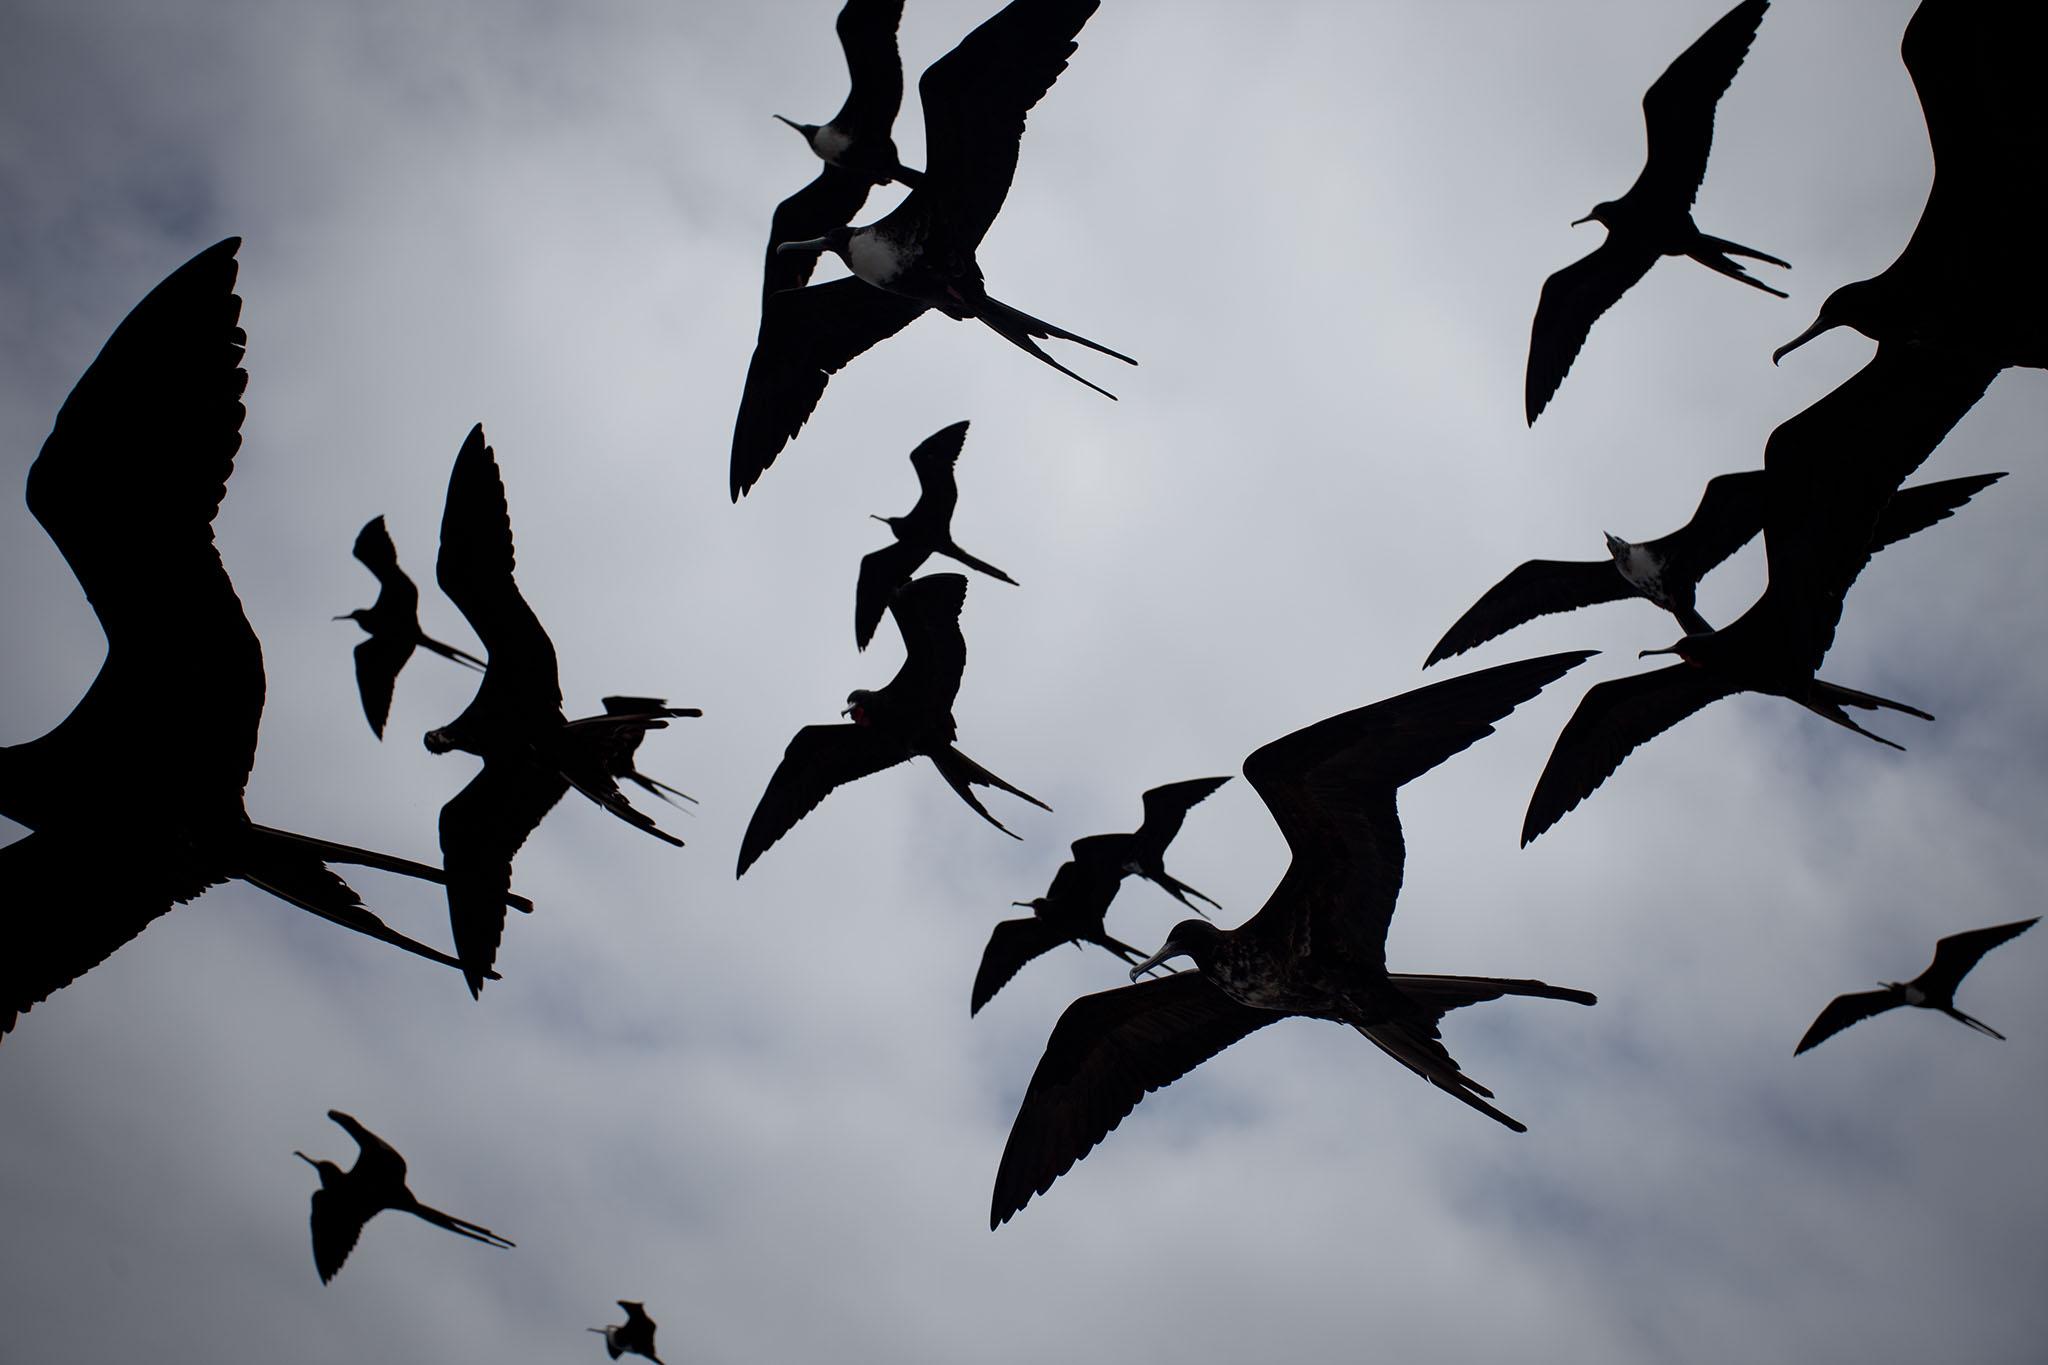 009-TW-Galapagos-121118.jpg